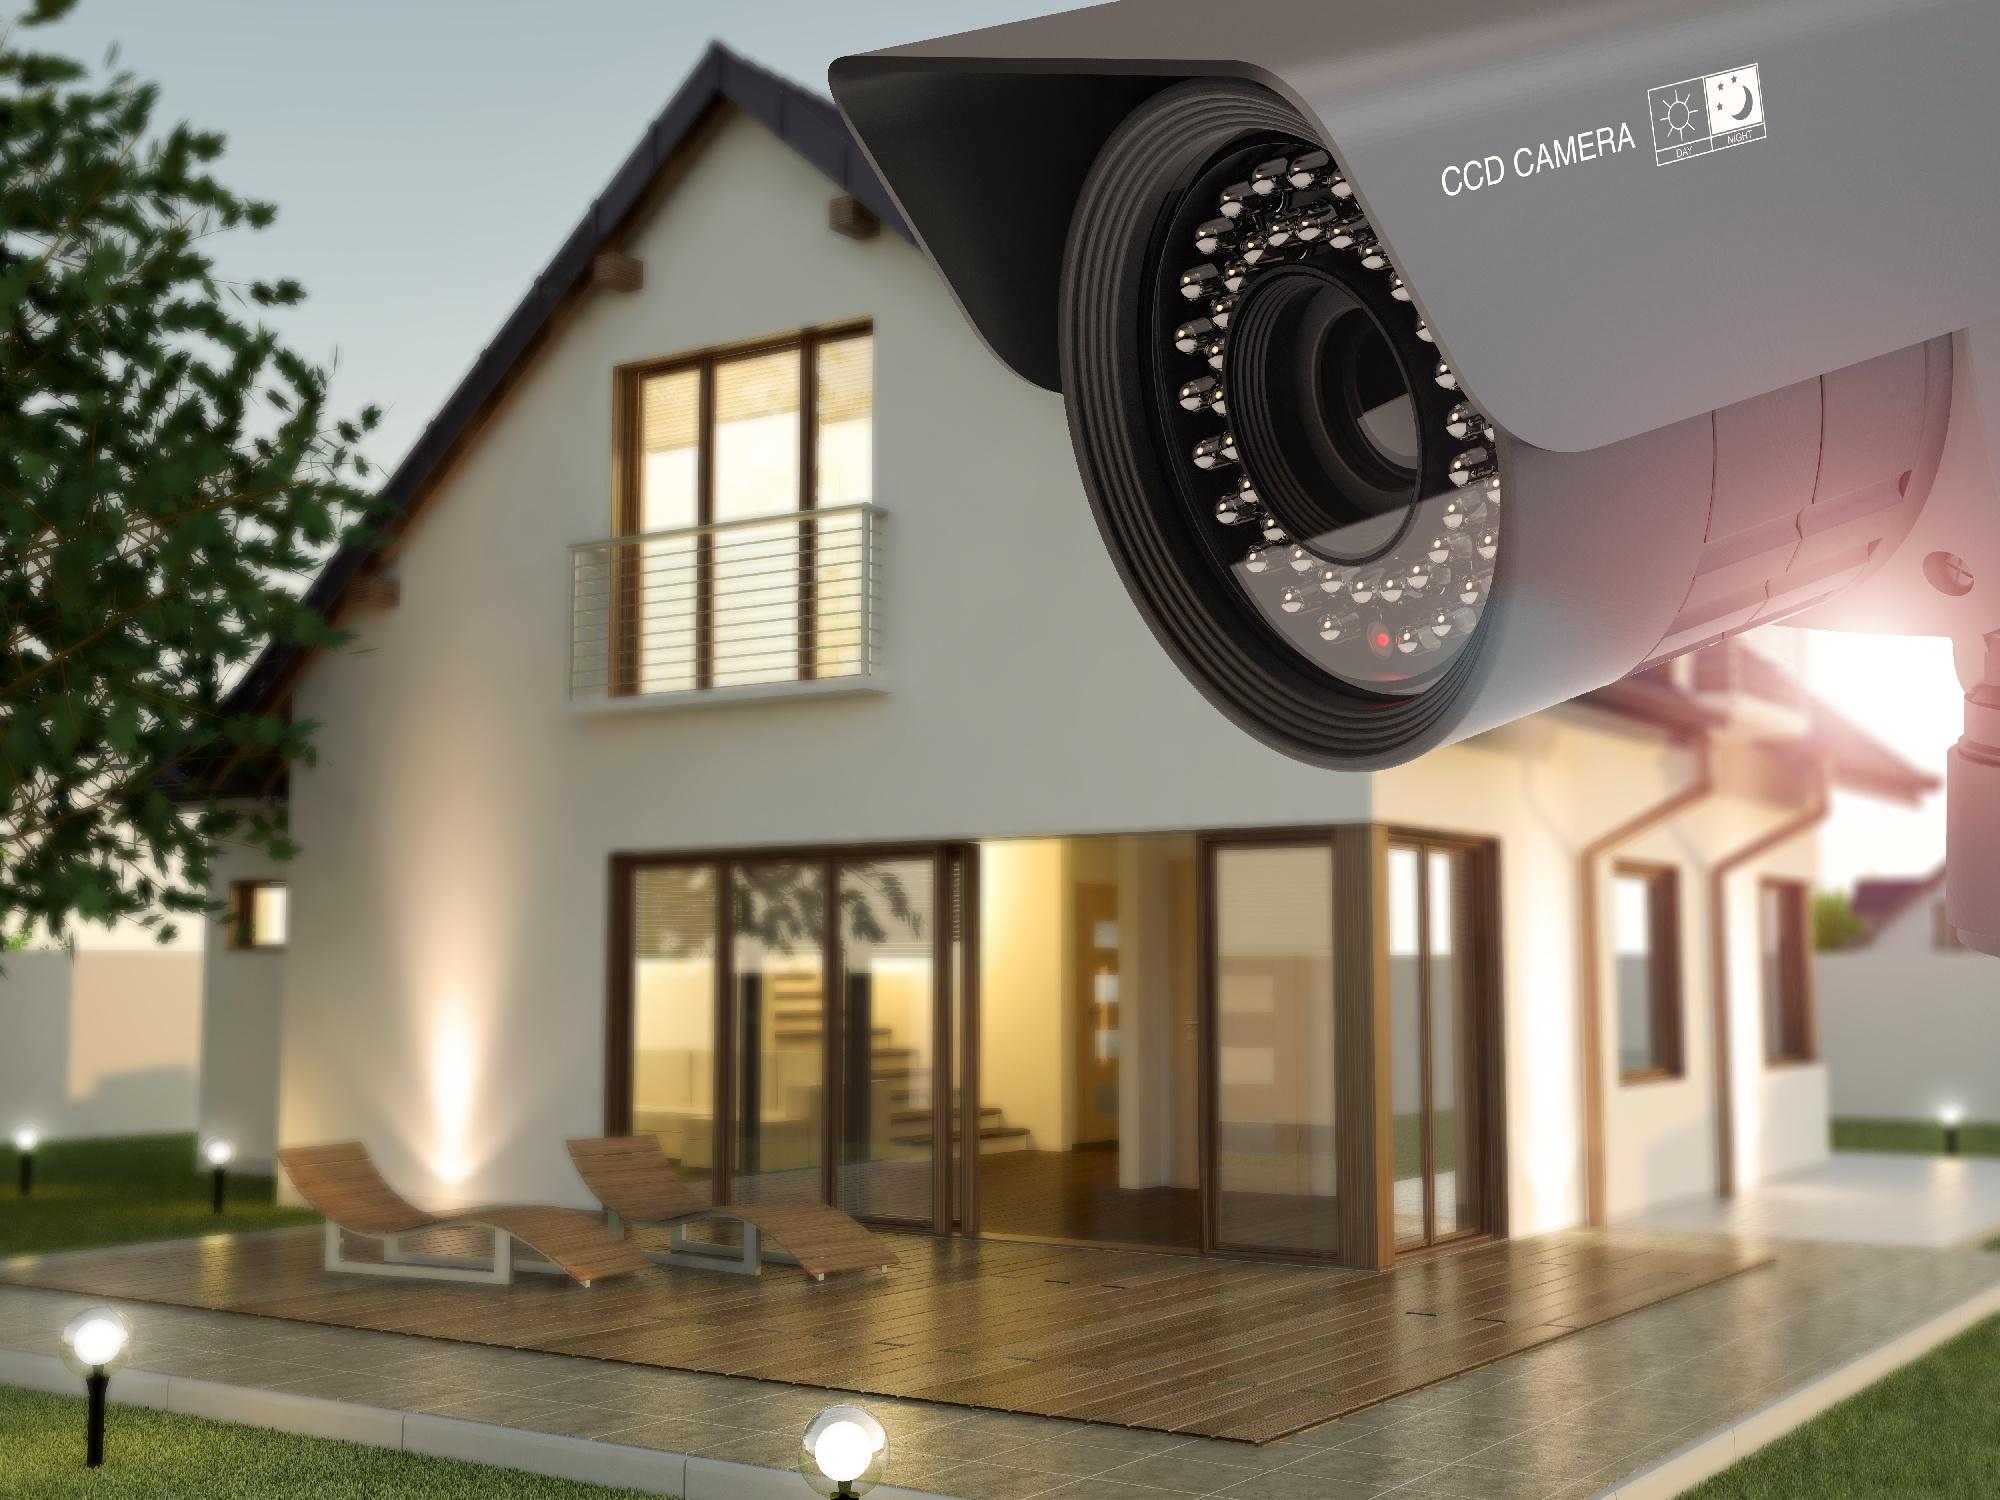 How Should HOAs Handle Security Cameras?